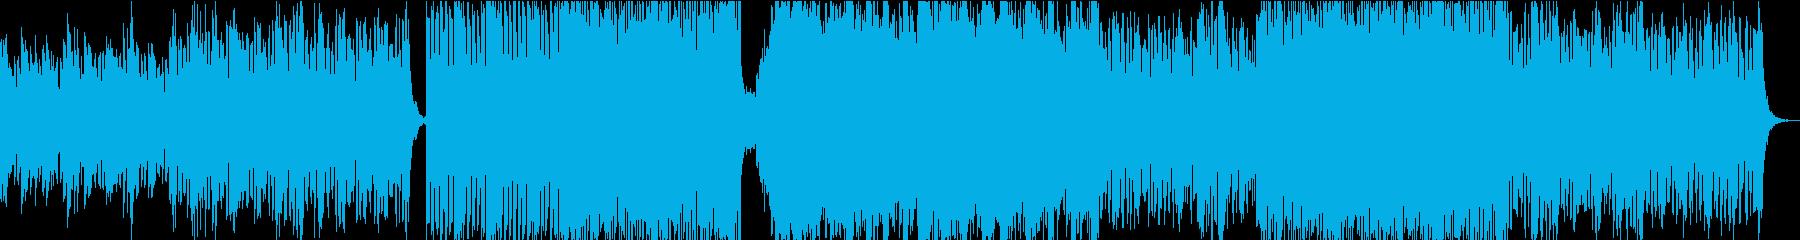 曲中で曲調もBPMも変わるバトル曲の再生済みの波形